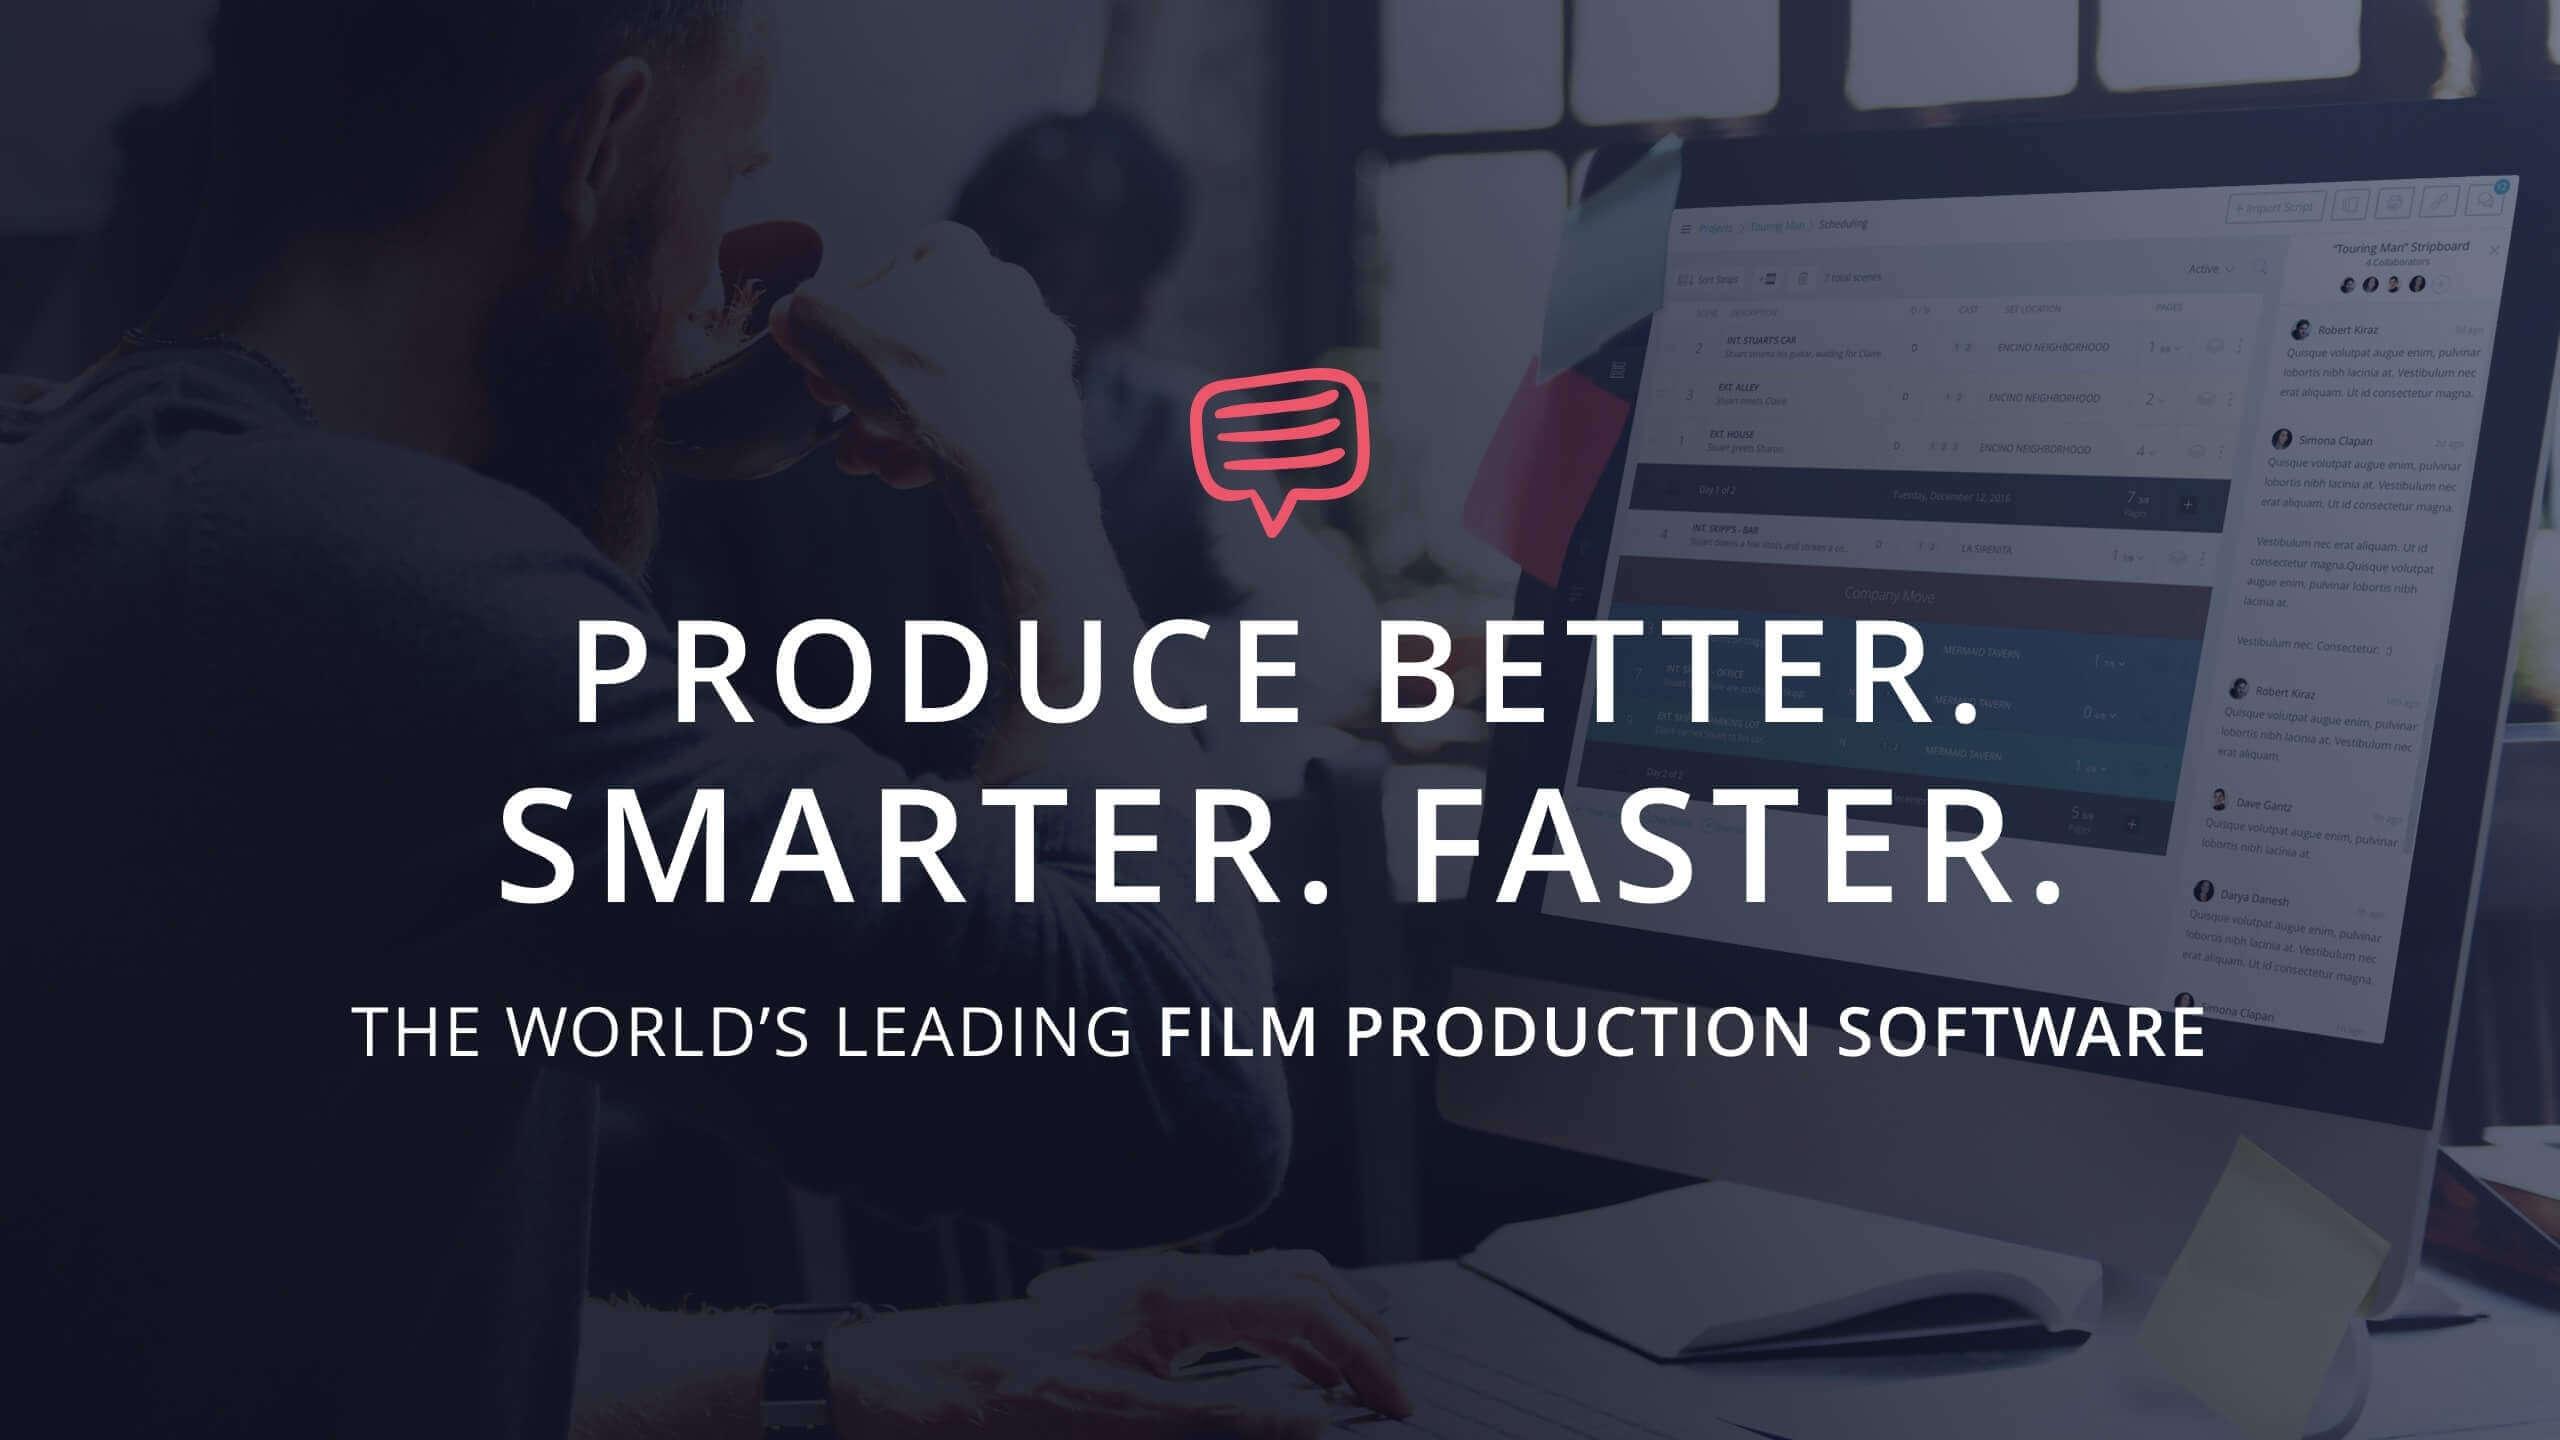 Video Tv Film Production Management Software Studiobinder